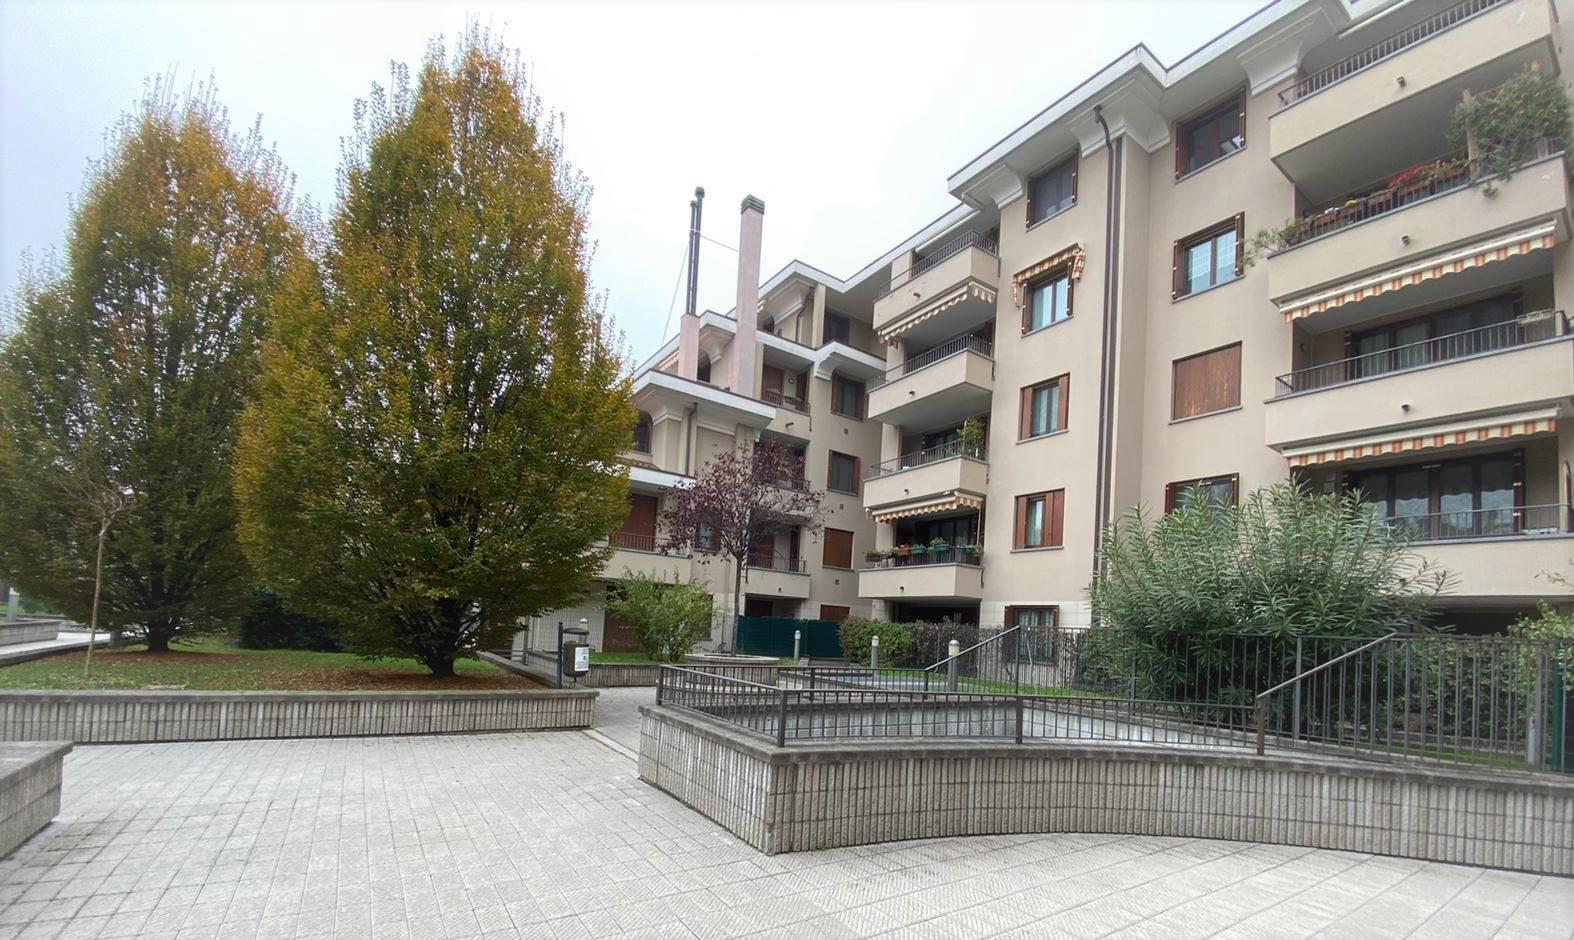 BUSSERO, Wohnung zu verkaufen von 85 Qm, Beste ausstattung, Heizung Unabhaengig, Energie-klasse: C, Epi: 78,4 kwh/m2 jahr, am boden 4° auf 5,